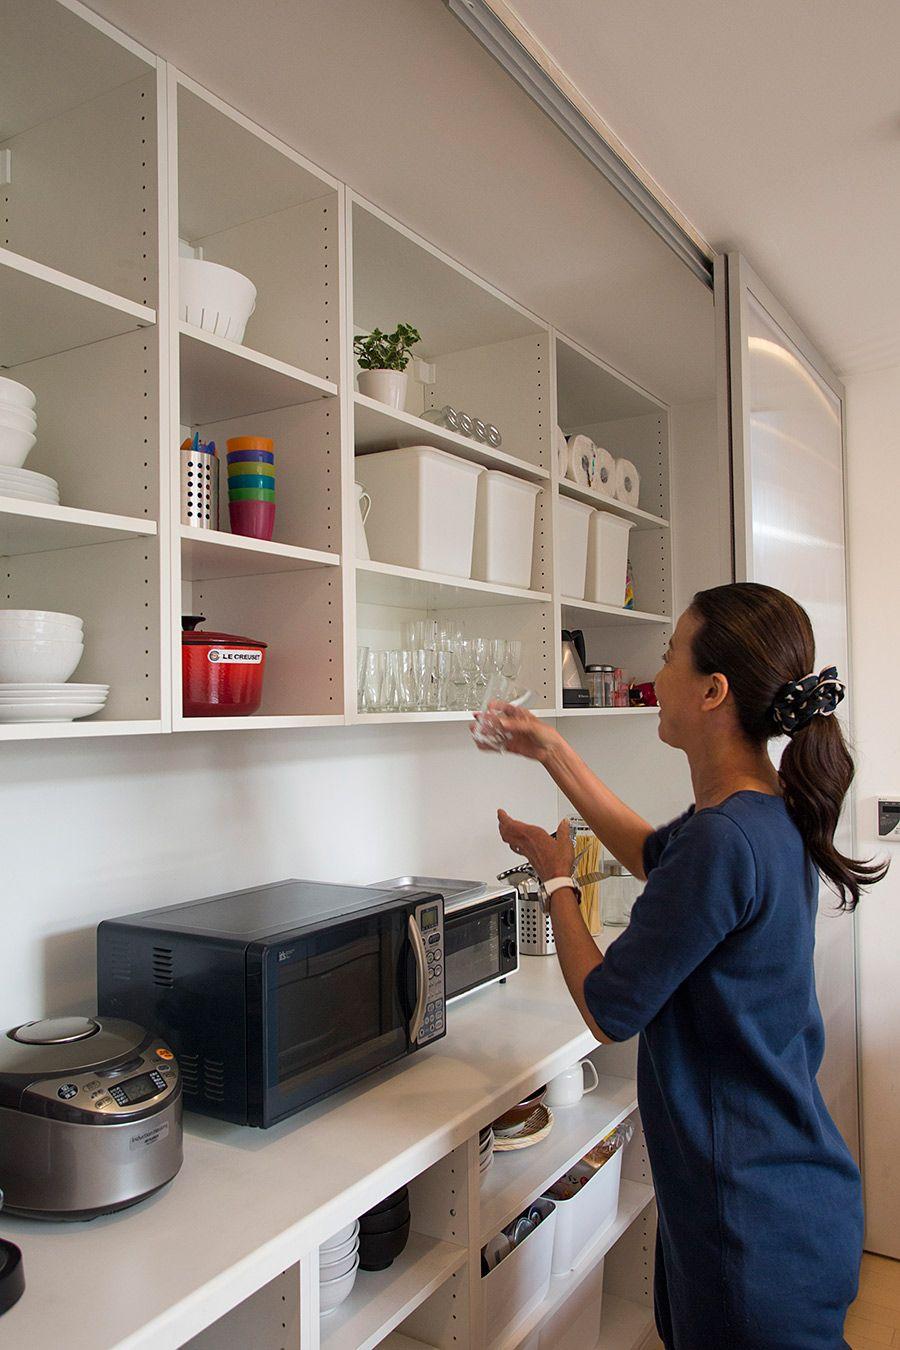 Ikeaで遊ぶシームレスに楽しむ家族との一体感 キッチンデザイン